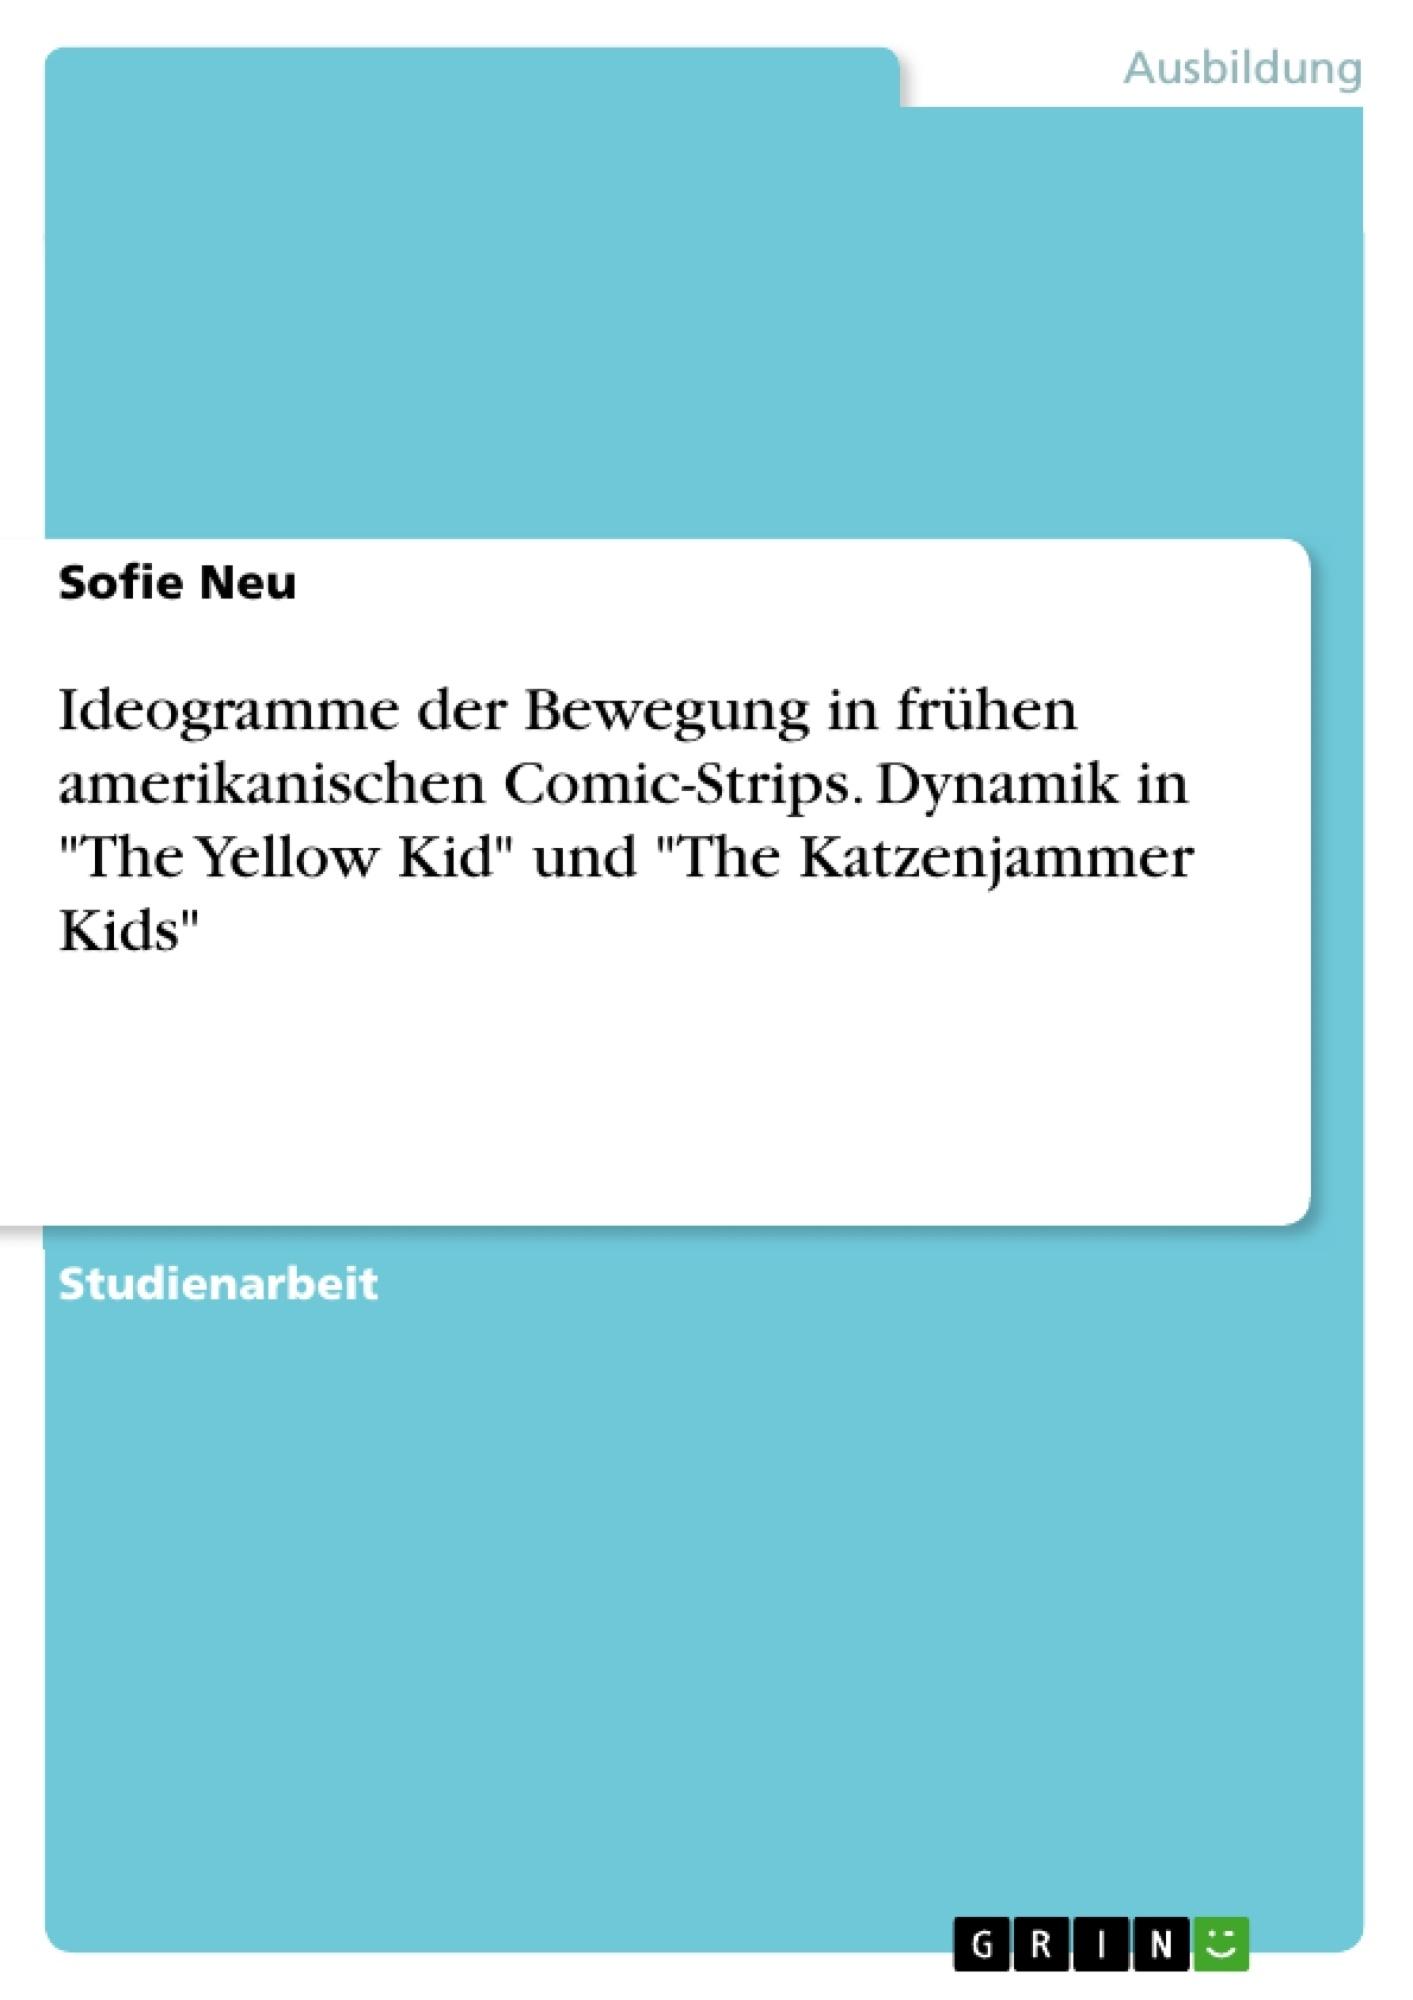 """Titel: Ideogramme der Bewegung in frühen amerikanischen Comic-Strips. Dynamik in """"The Yellow Kid"""" und """"The Katzenjammer Kids"""""""